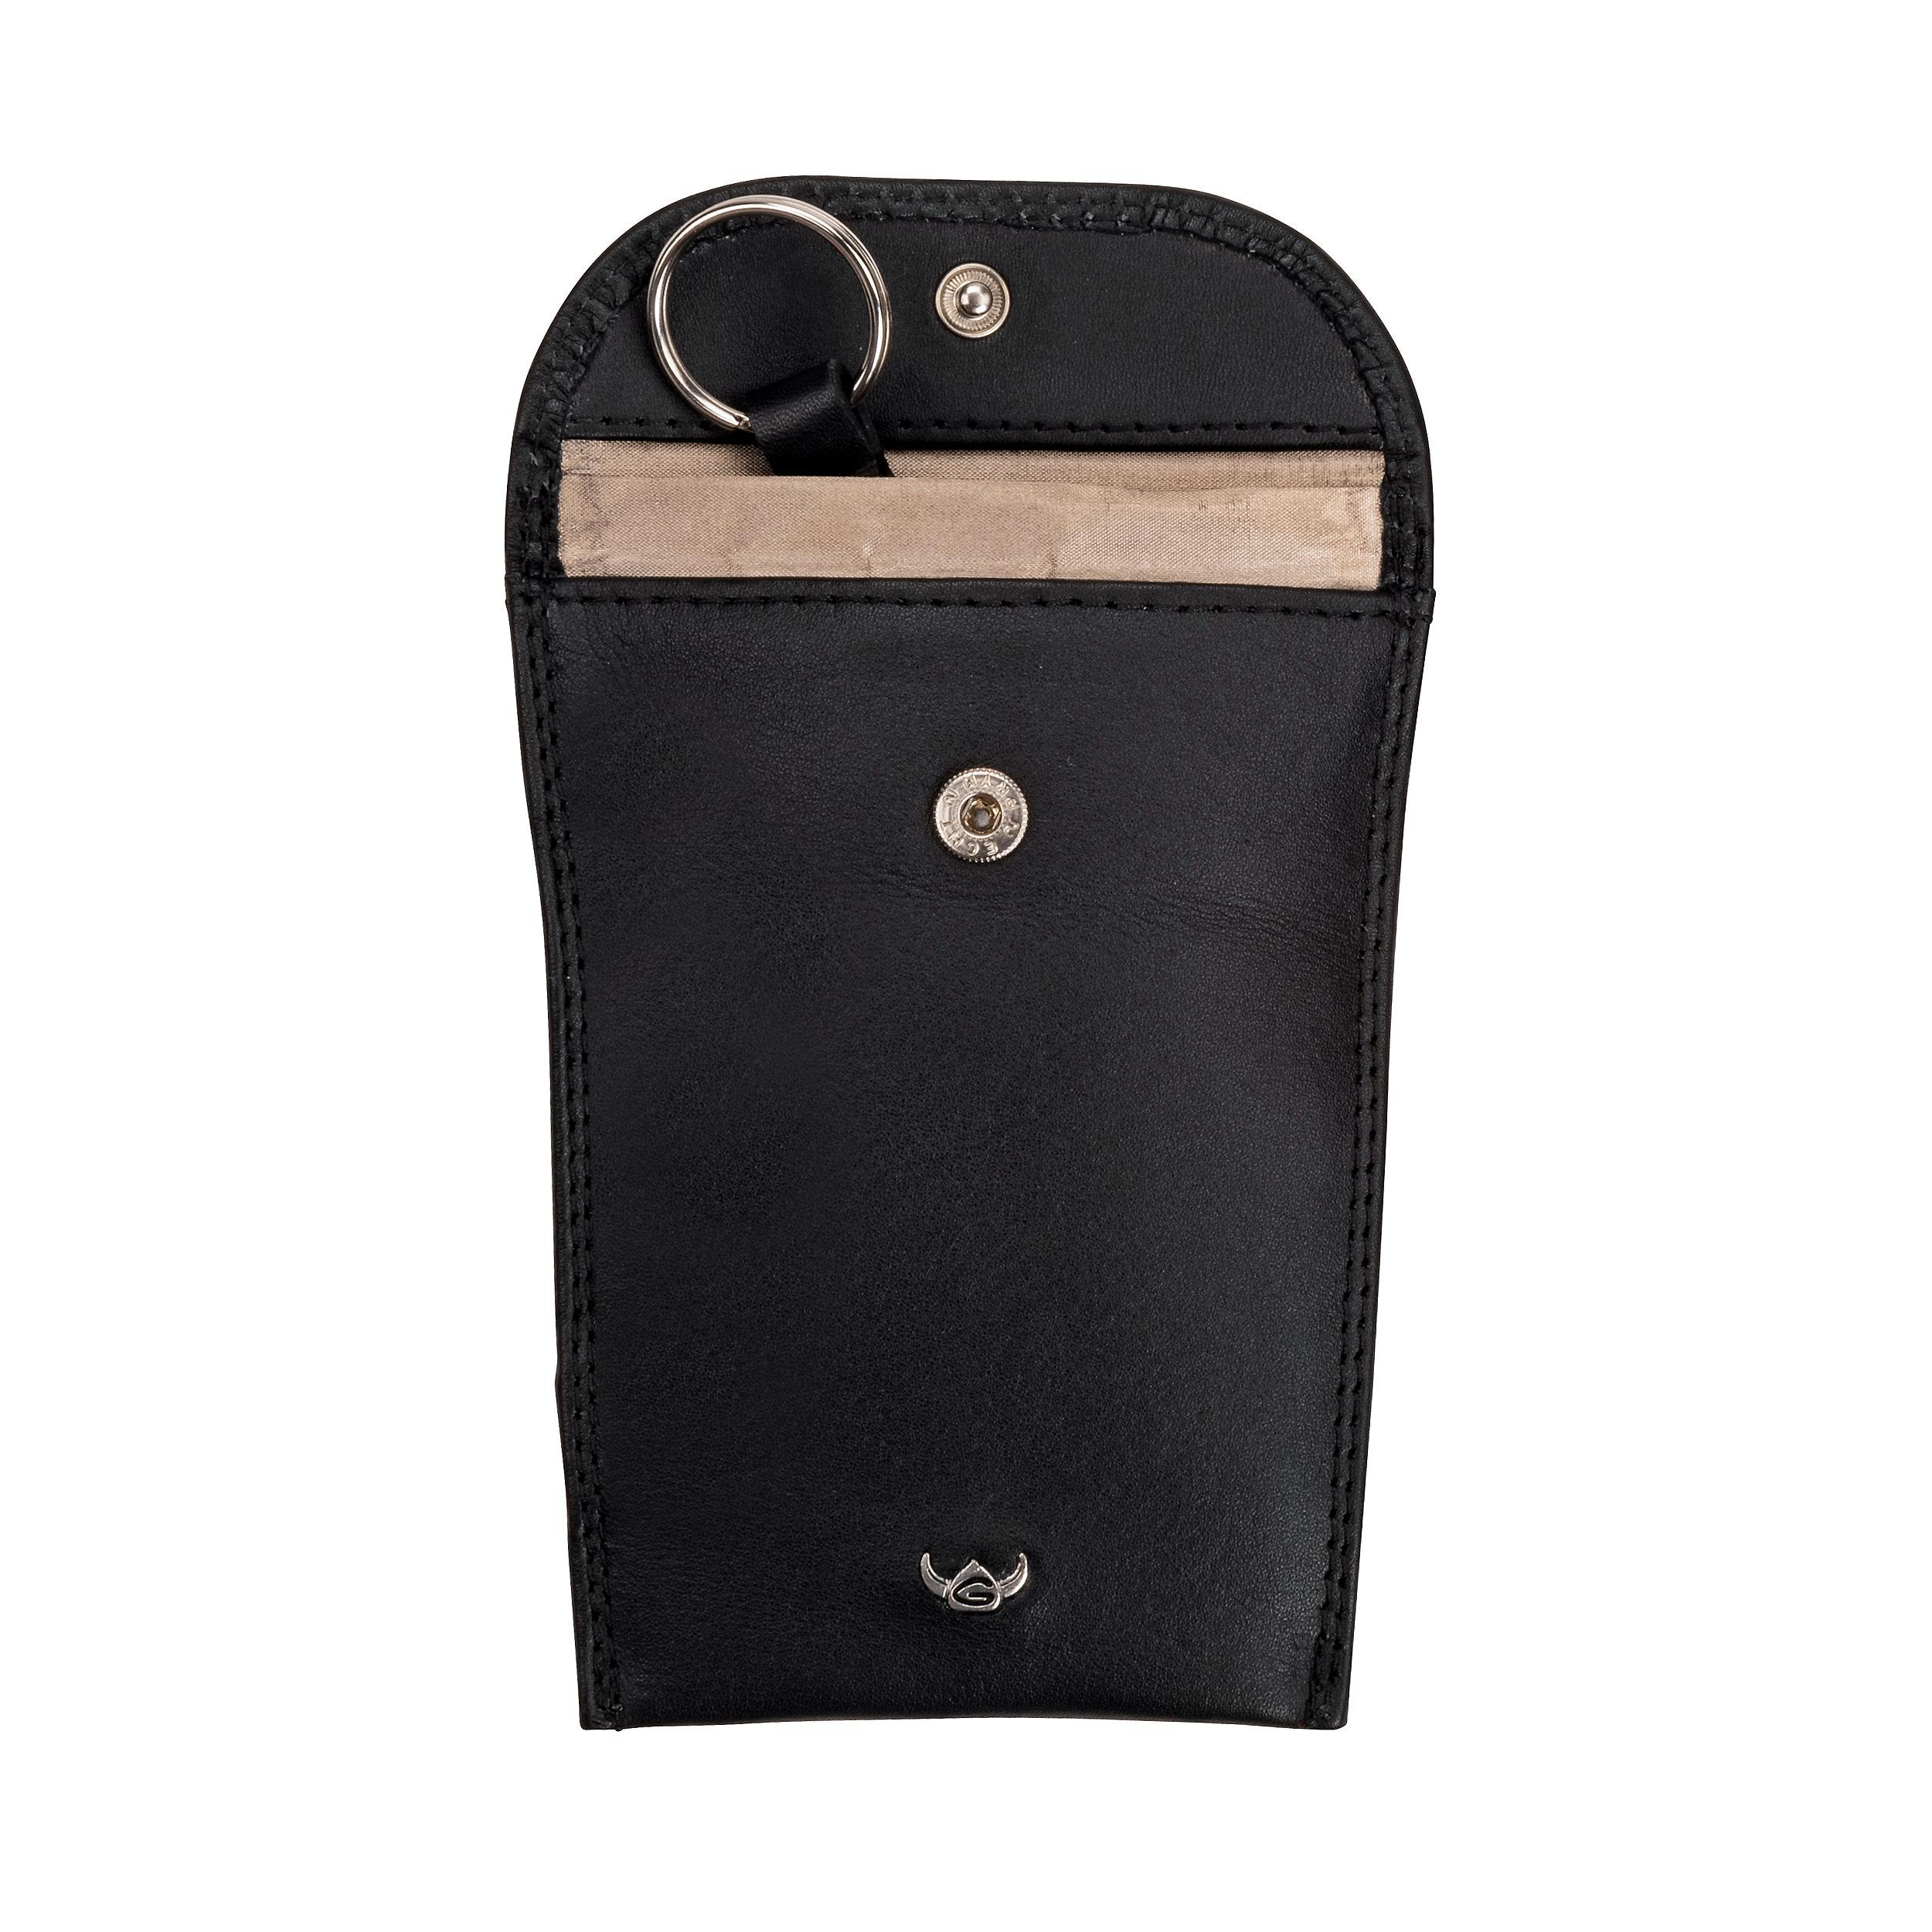 Schlüsseletui mit Druckknopf RFID Polo RFID Protect